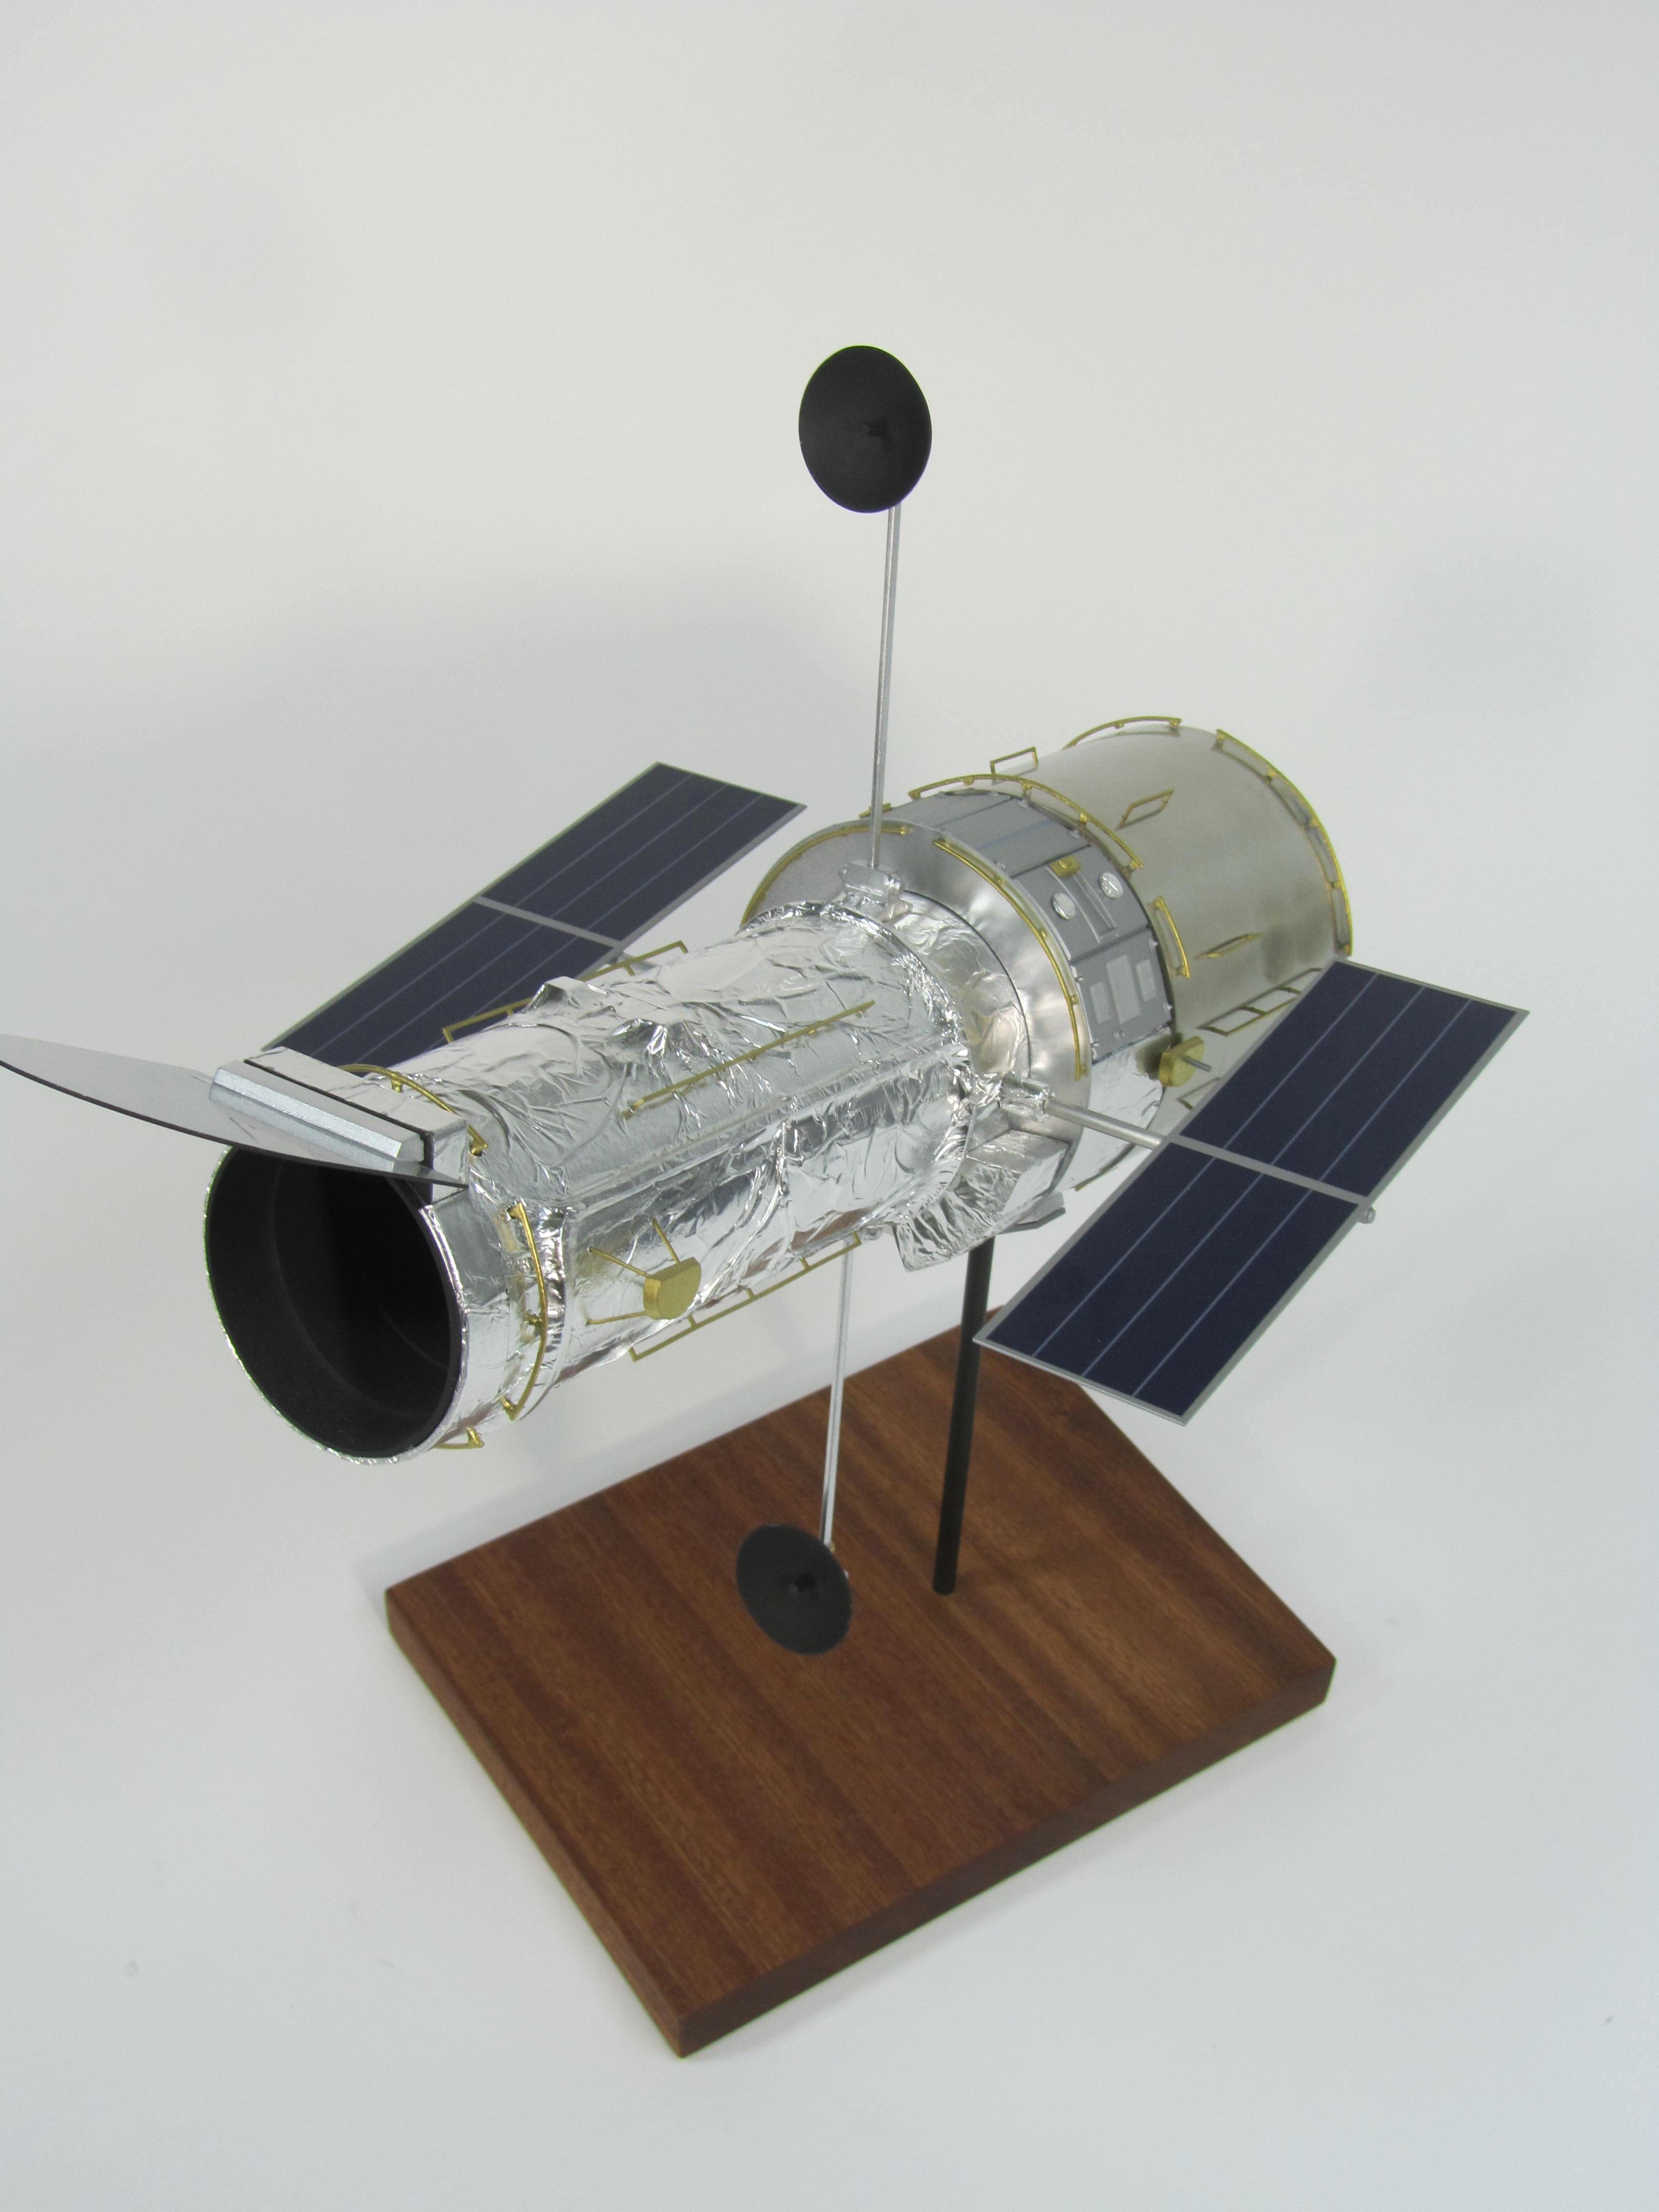 pennwalt model hubble space telescope - photo #16